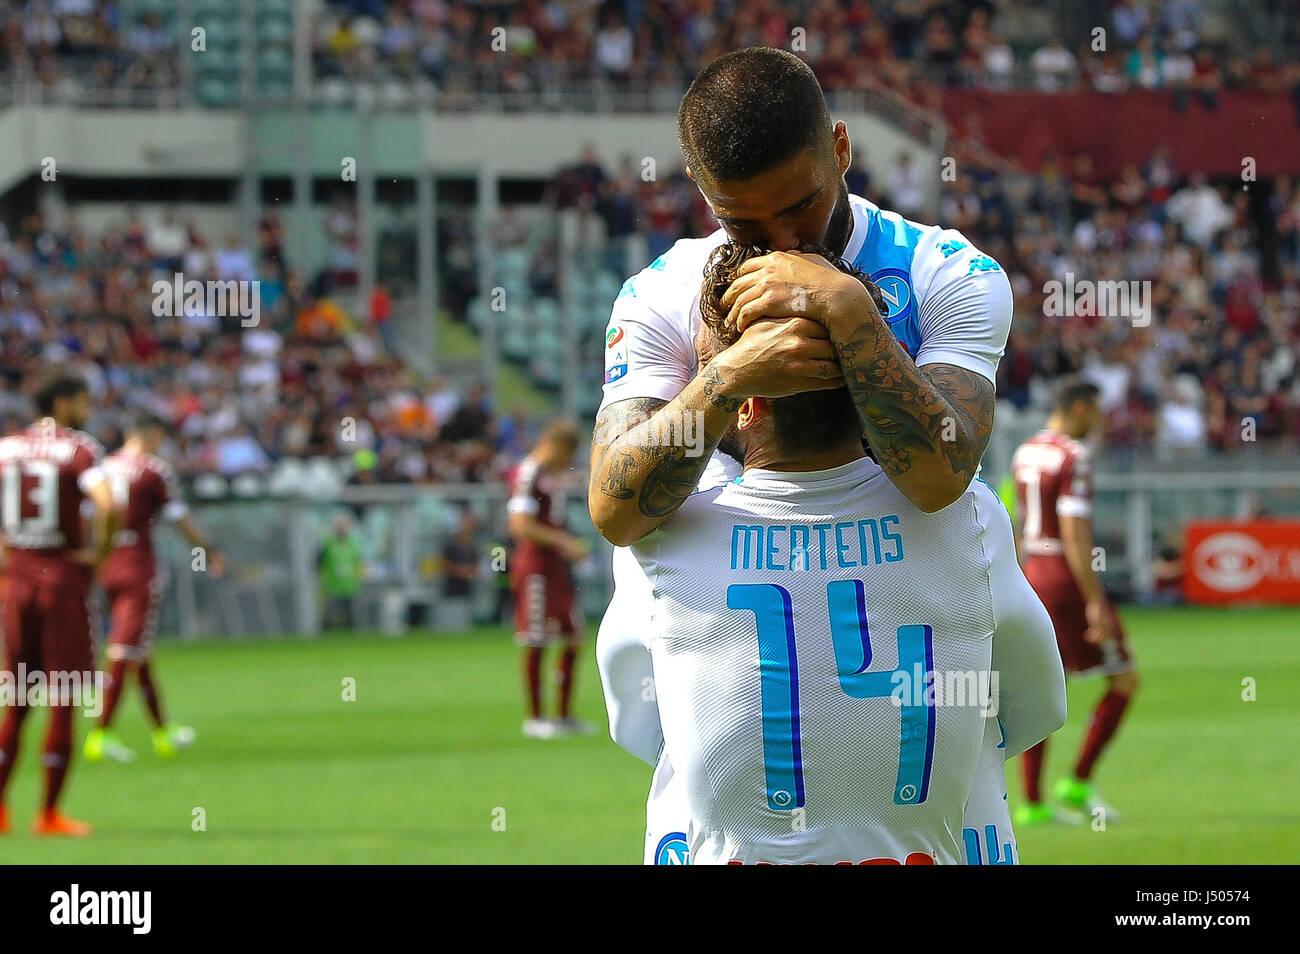 Torino, Italia. 14 Maggio, 2017. Mertens e Lorenzo Insigne durante il match di Serie A TIM tra Torino FC e SSC Napoli Immagini Stock